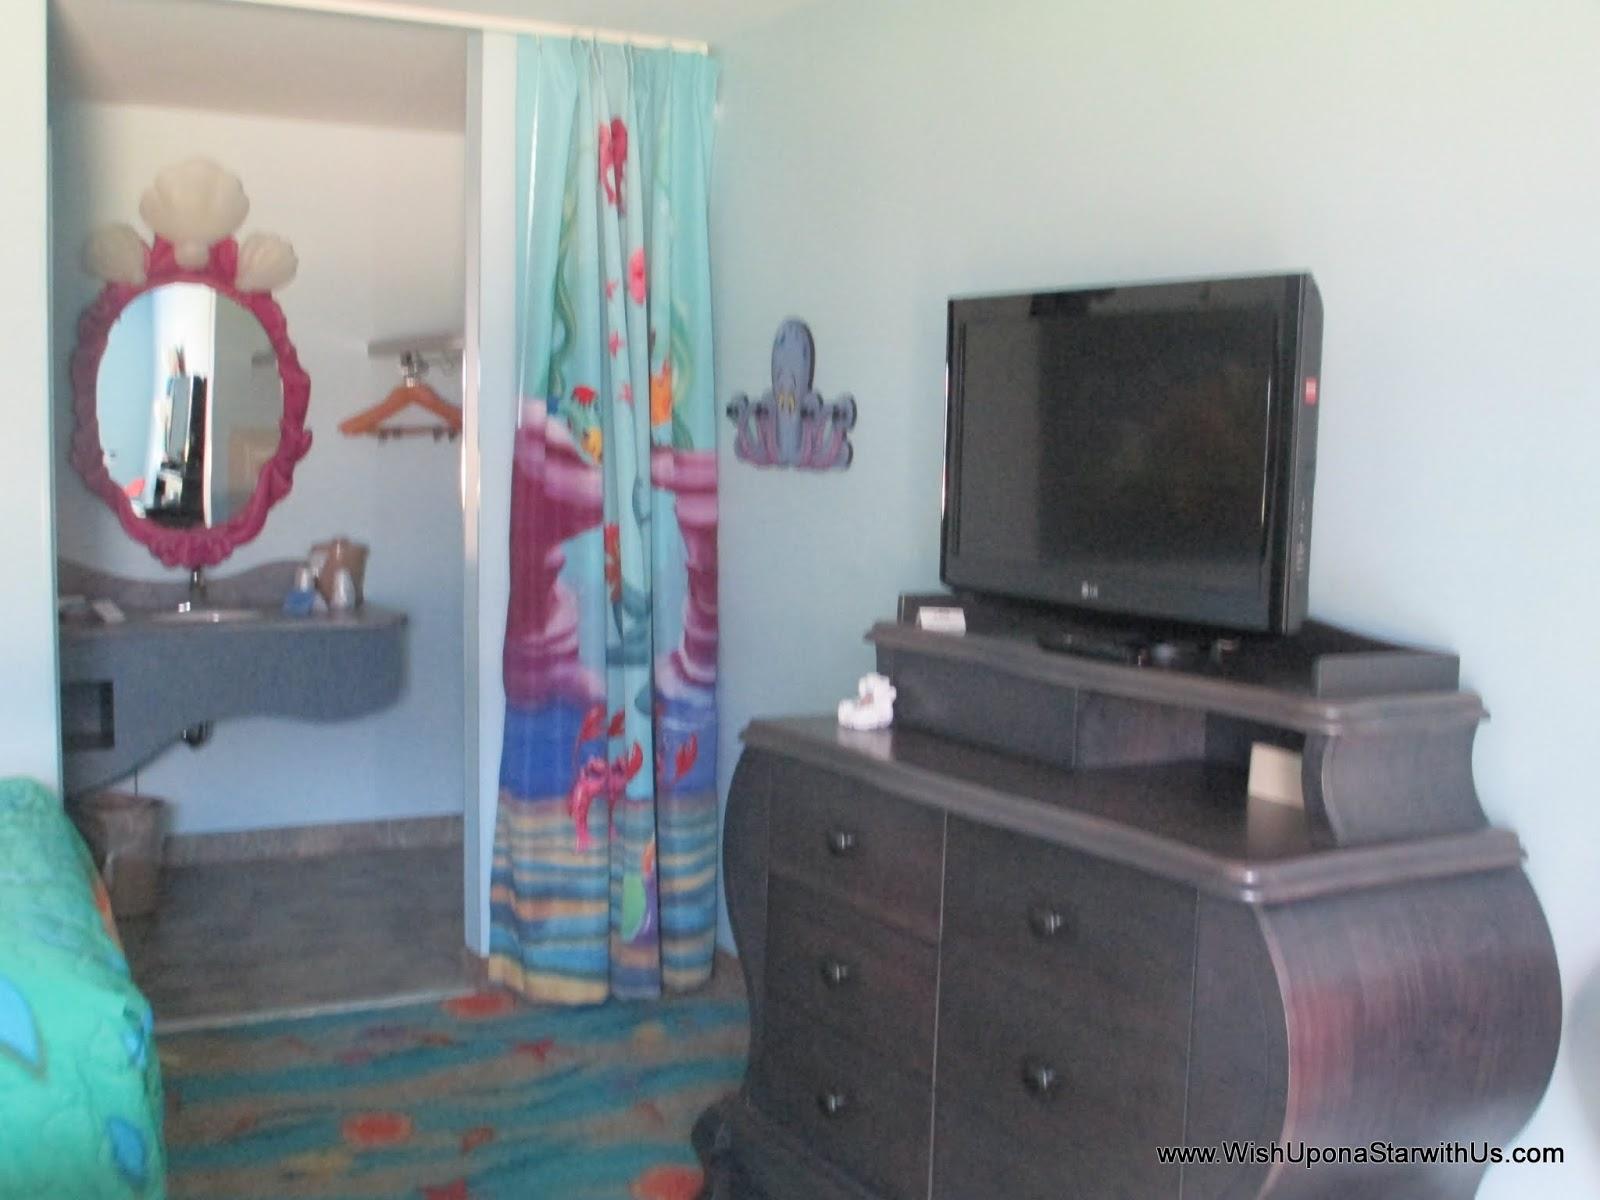 grand californian 2 bedroom suite floor plan trend home grand californian 2 bedroom suite floor plan trend home